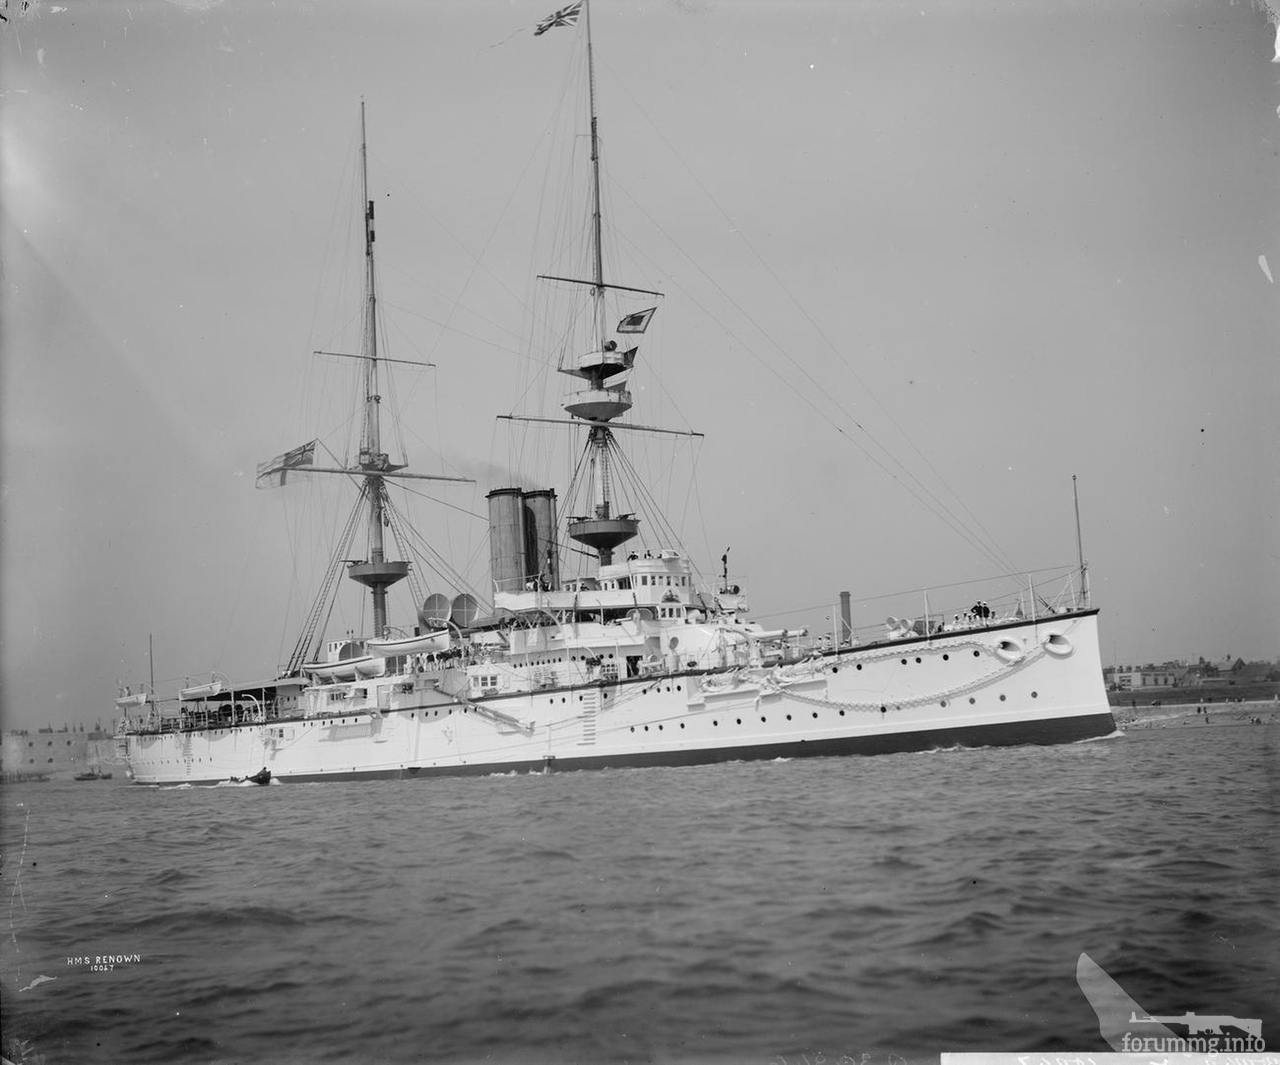 134522 - Броненосец HMS Renown